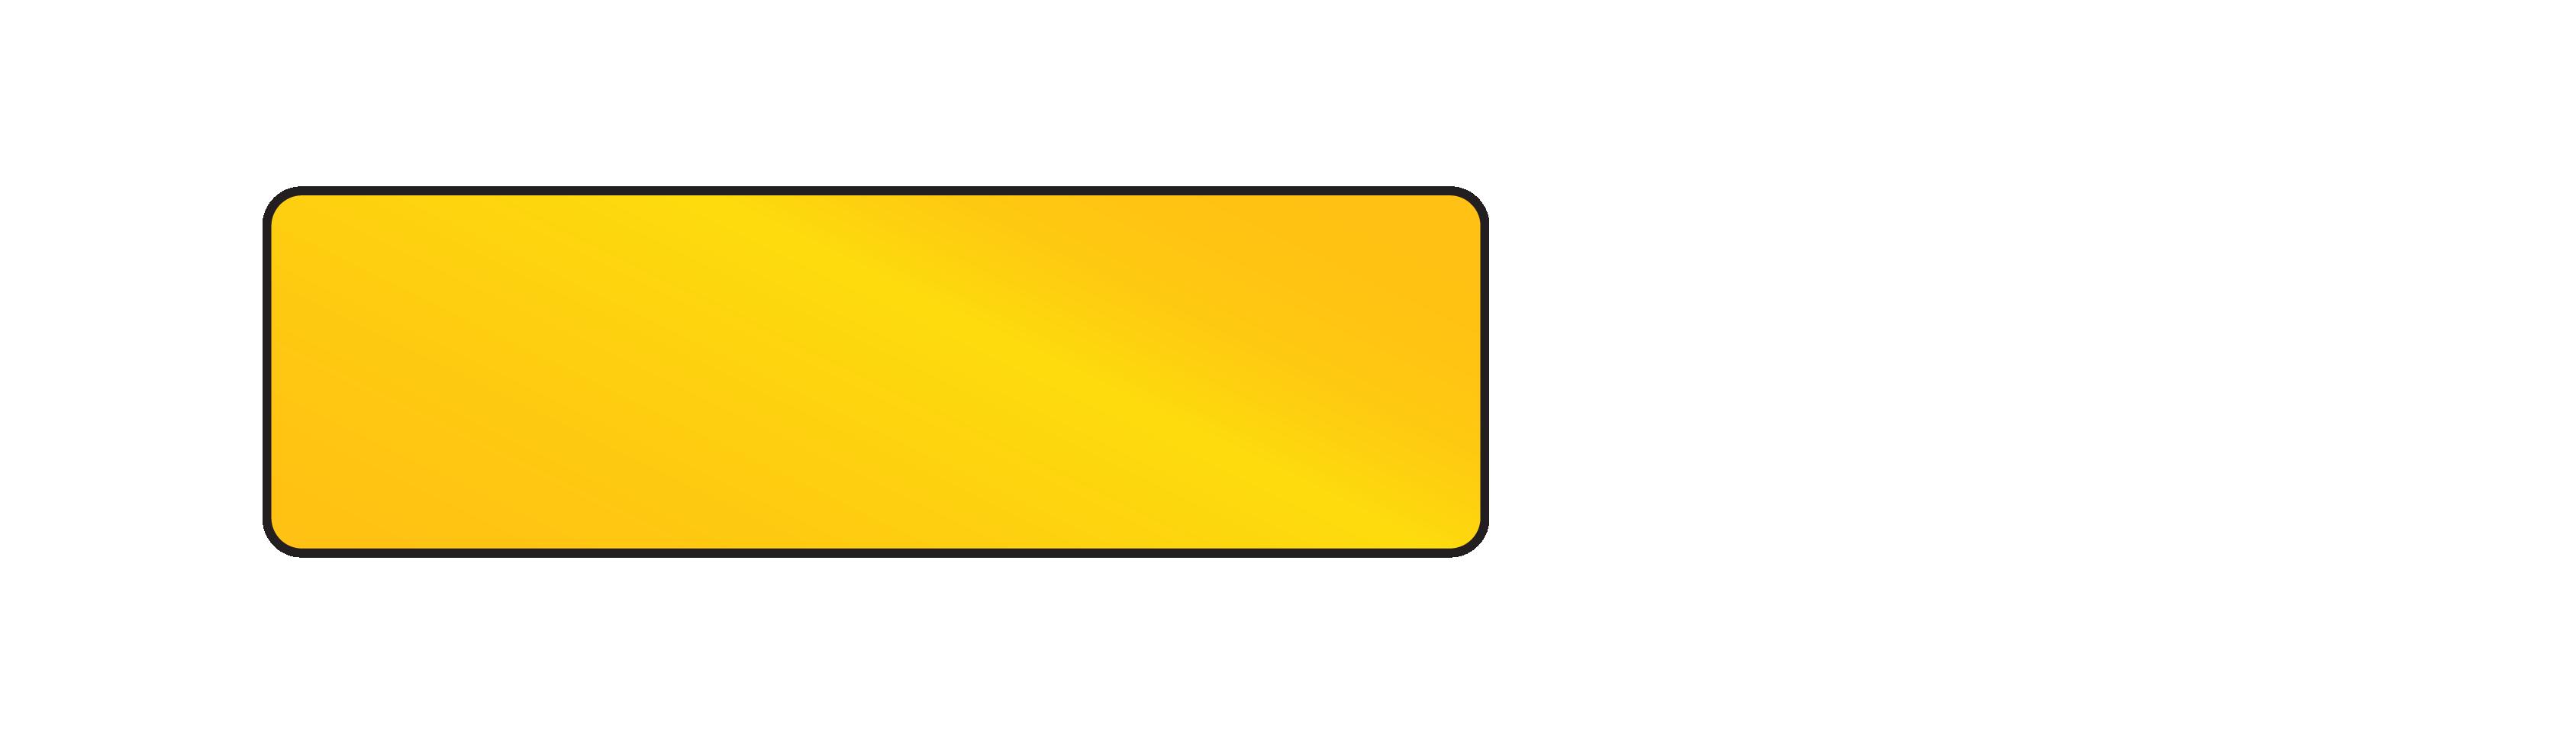 bim_litfest_logo-02.png